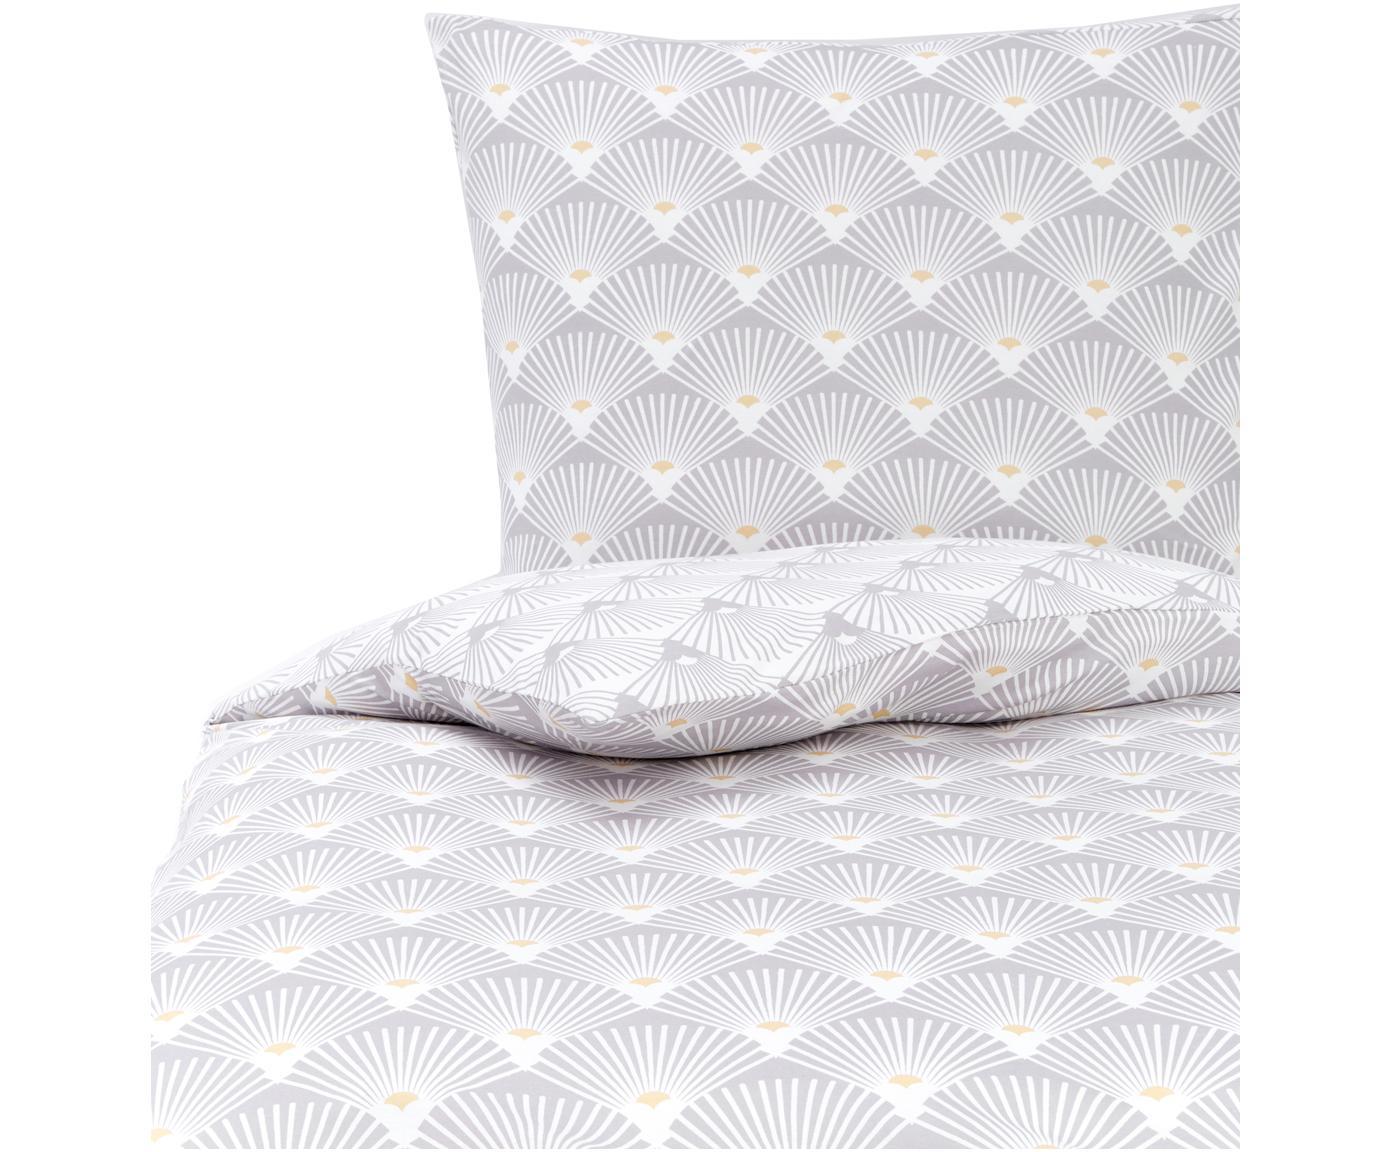 Jersey-Bettwäsche Ginkgo, Webart: Jersey Jersey ist ein kli, Grau, Weiß, 135 x 200 cm + 1 Kissen 80 x 80 cm